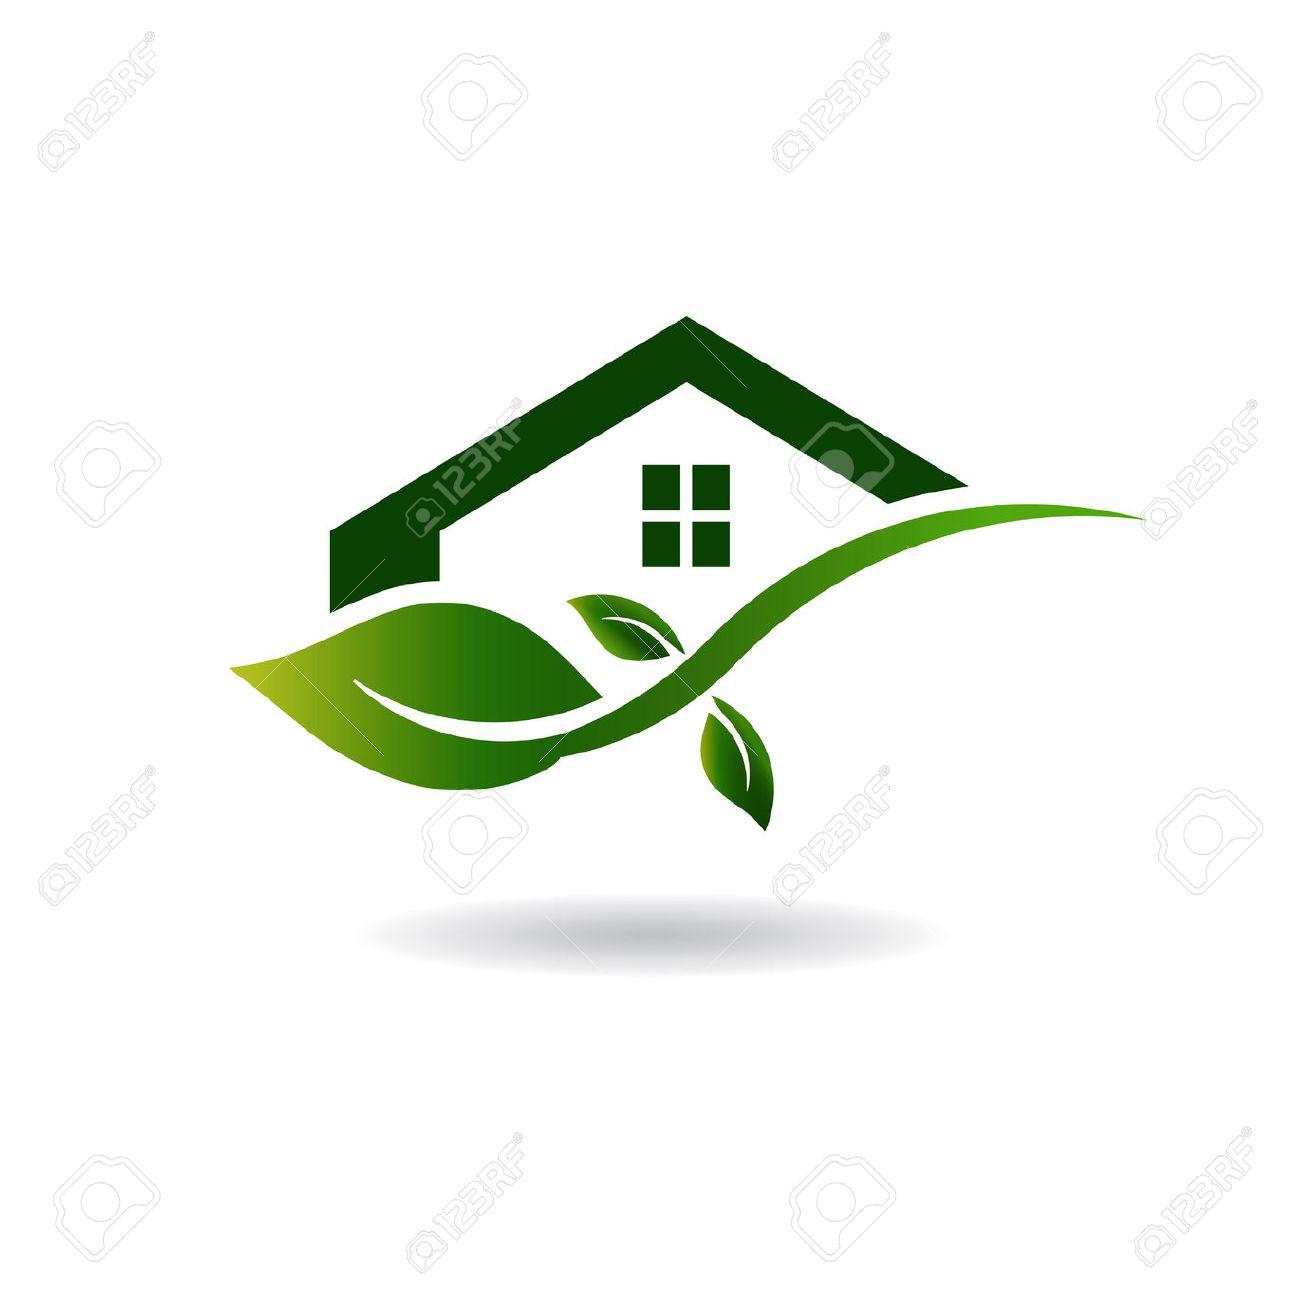 Green House Business Archivio Fotografico - 40574828